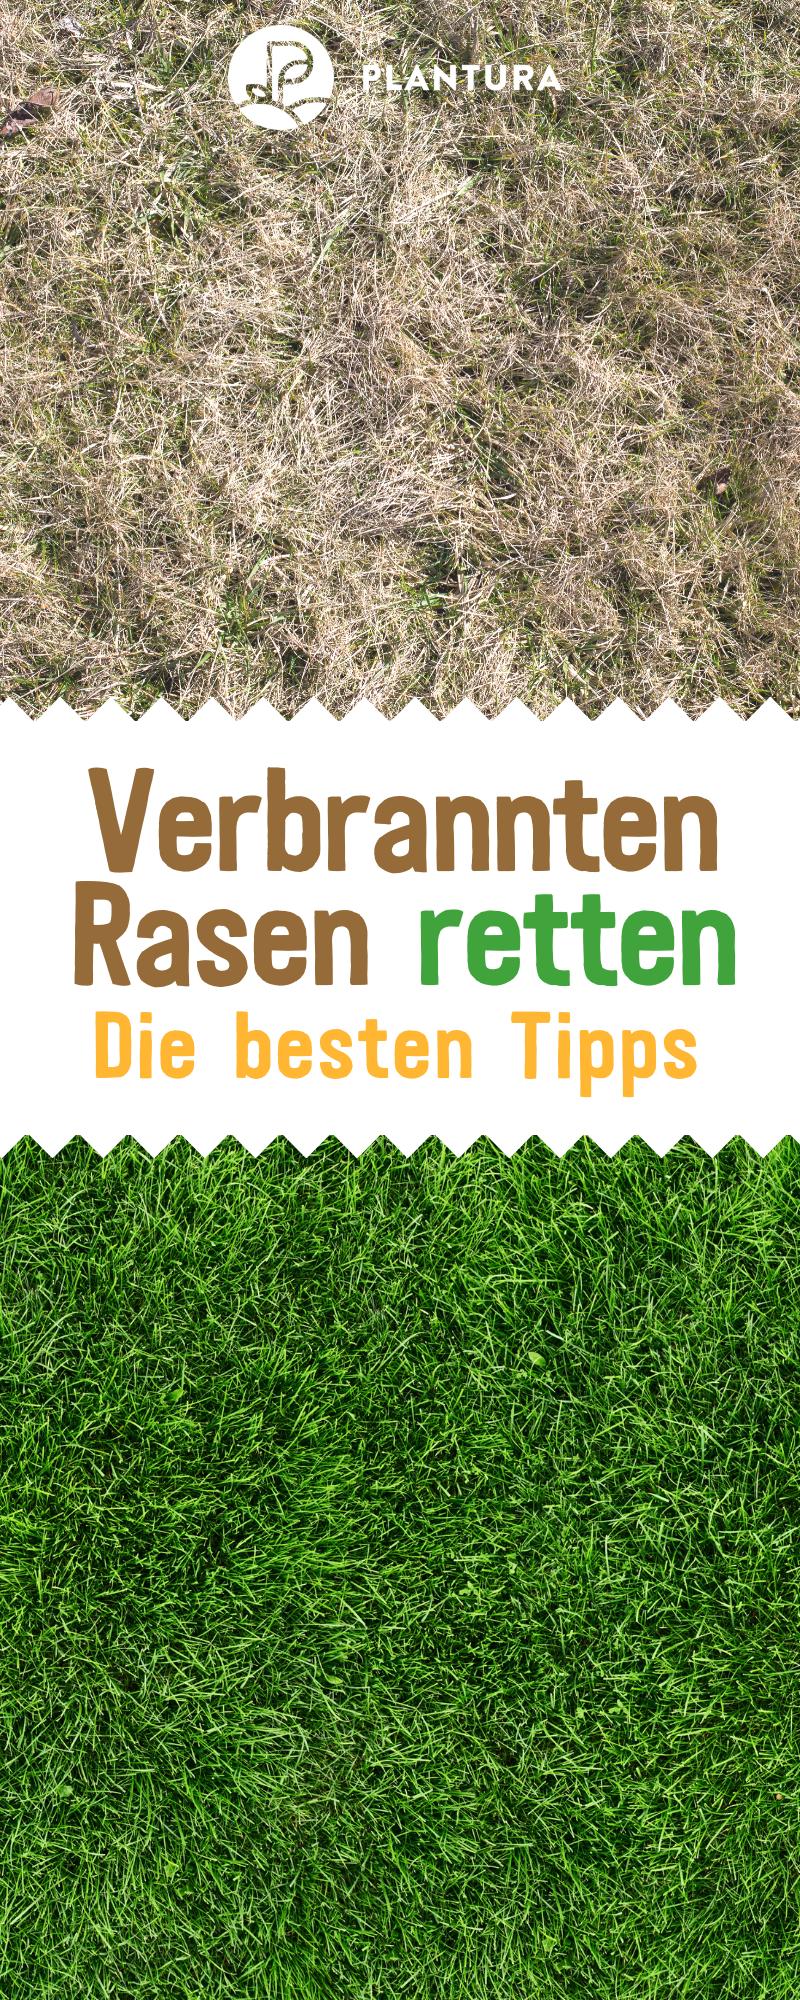 Rasen Im Herbst Dungen Wann Wie Womit Plantura Rasen Rasen Dungen Rasenpflege